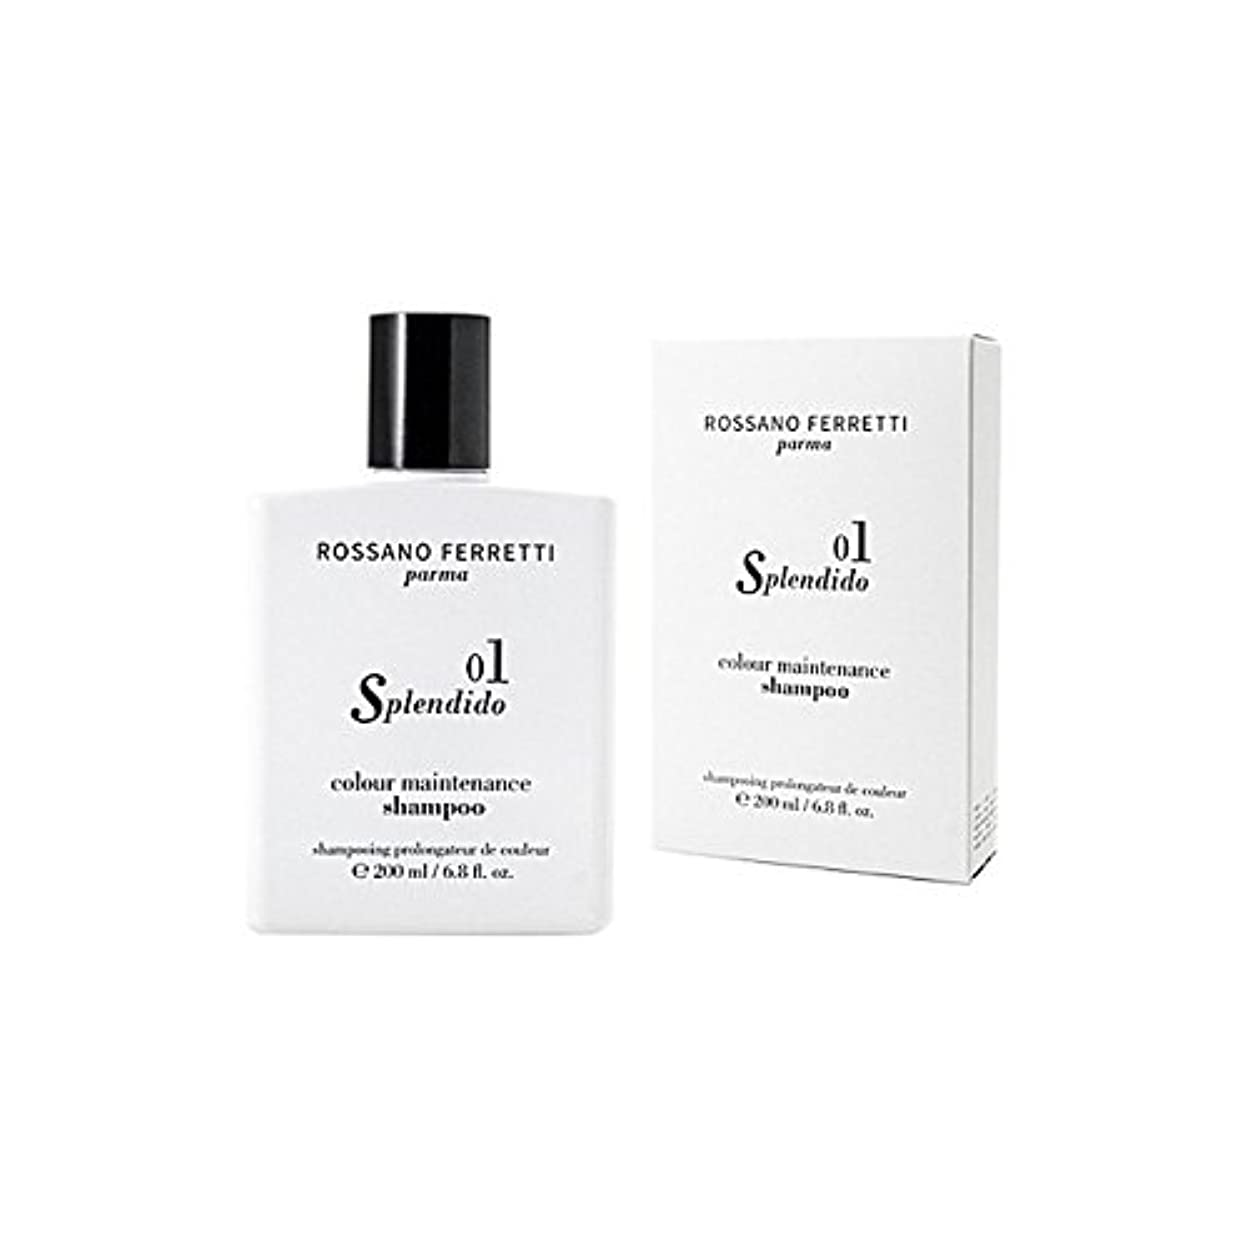 安全でない独特の切り下げRossano Ferretti Parma Splendido Colour Maintenance Shampoo 200ml - ロッサノフェレッティパルマスプレンディードカラーメンテナンスシャンプー200ミリリットル [並行輸入品]